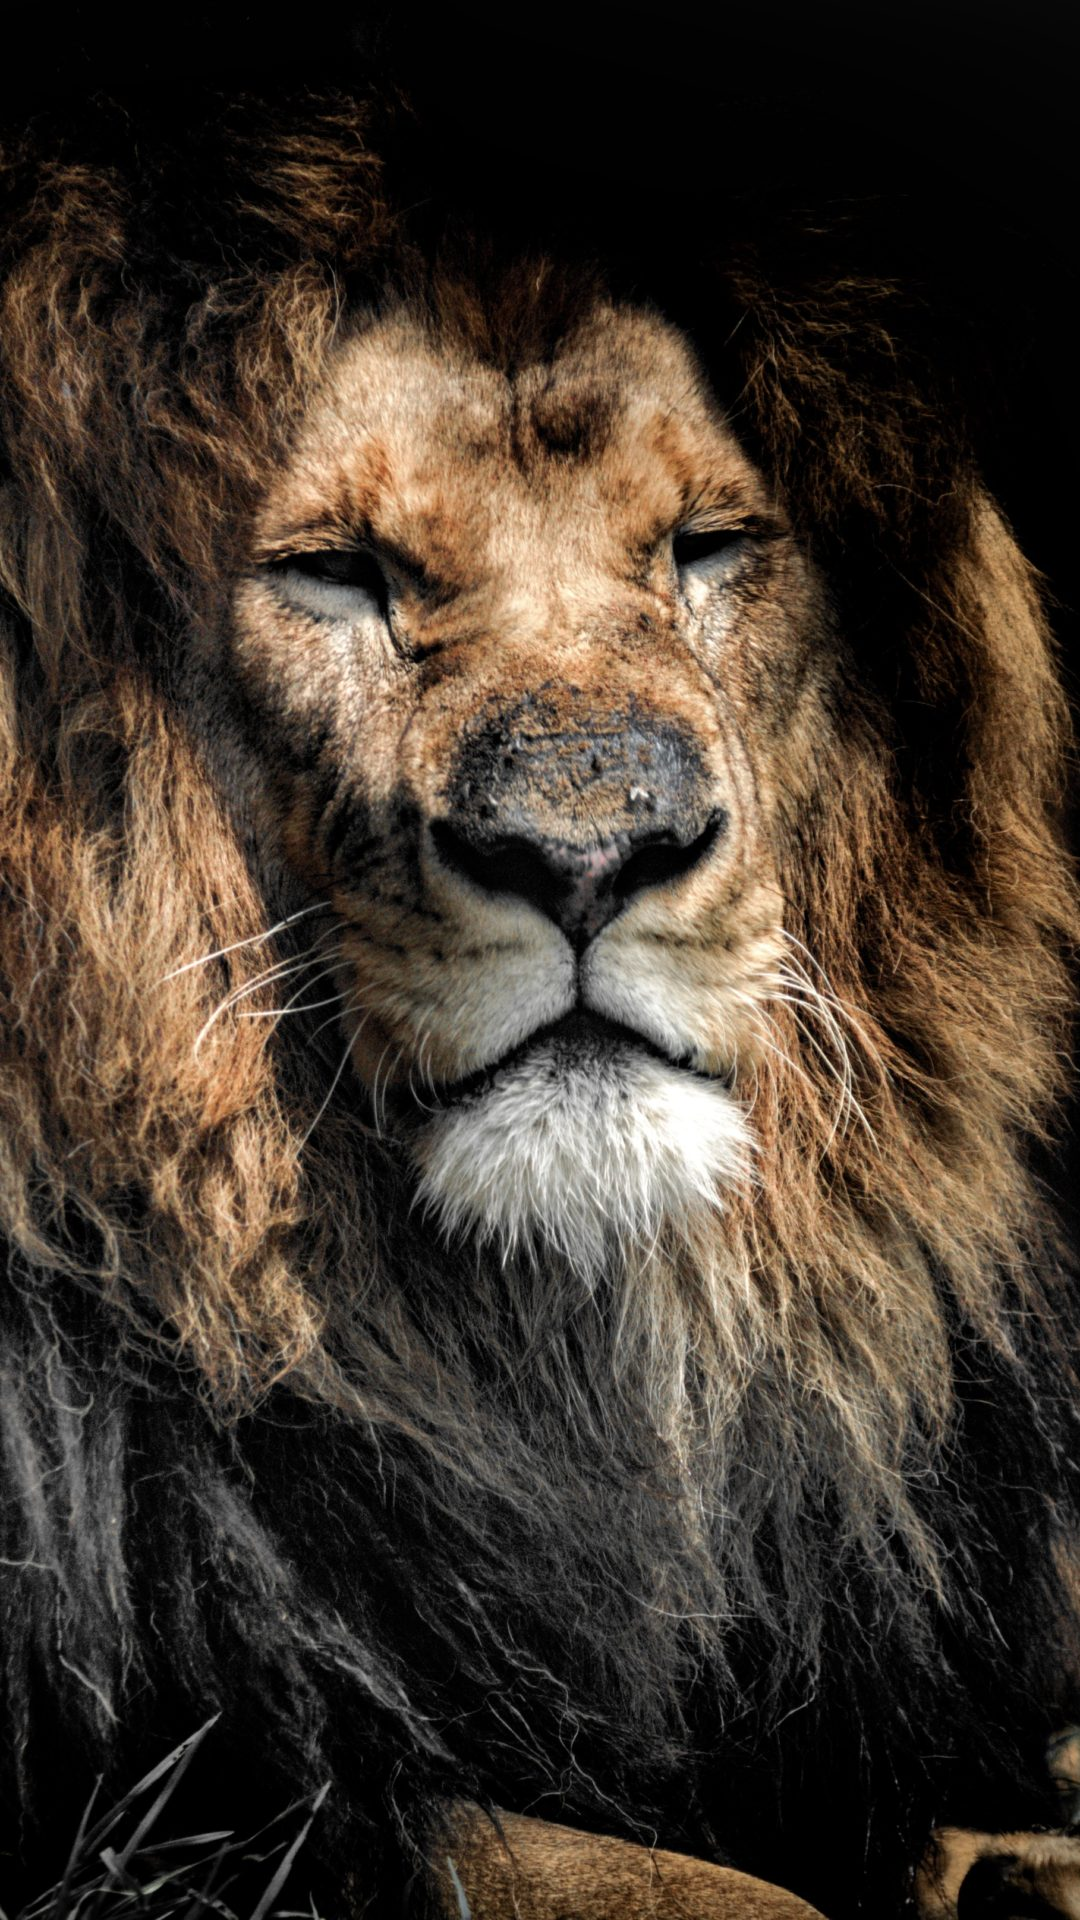 Old lion 4k uhd wallpaper - Lion 4k wallpaper for mobile ...